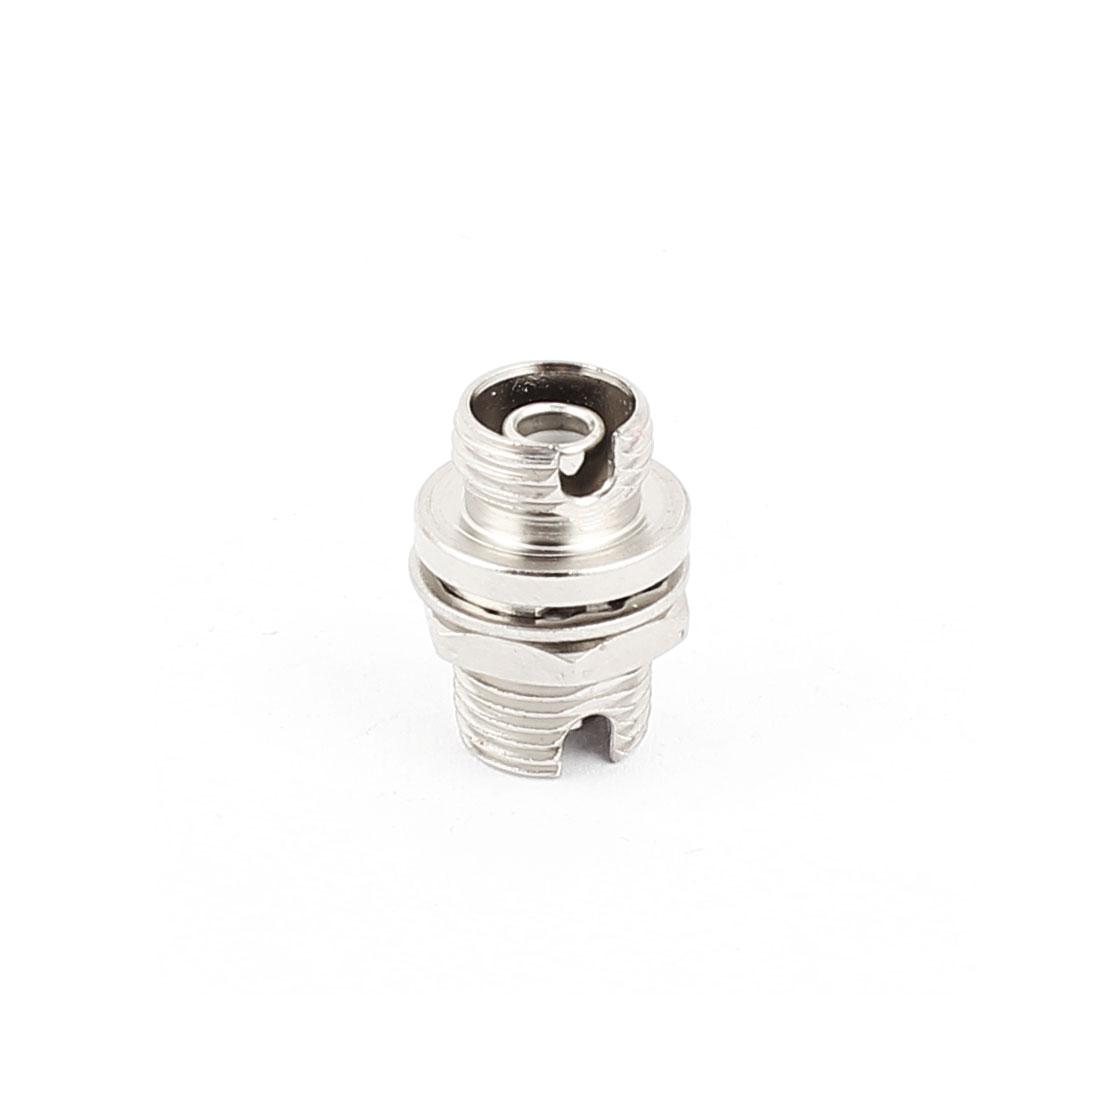 Small D type FC-FC Fibre Coupling Flange Connectors Optical Fiber Adapters